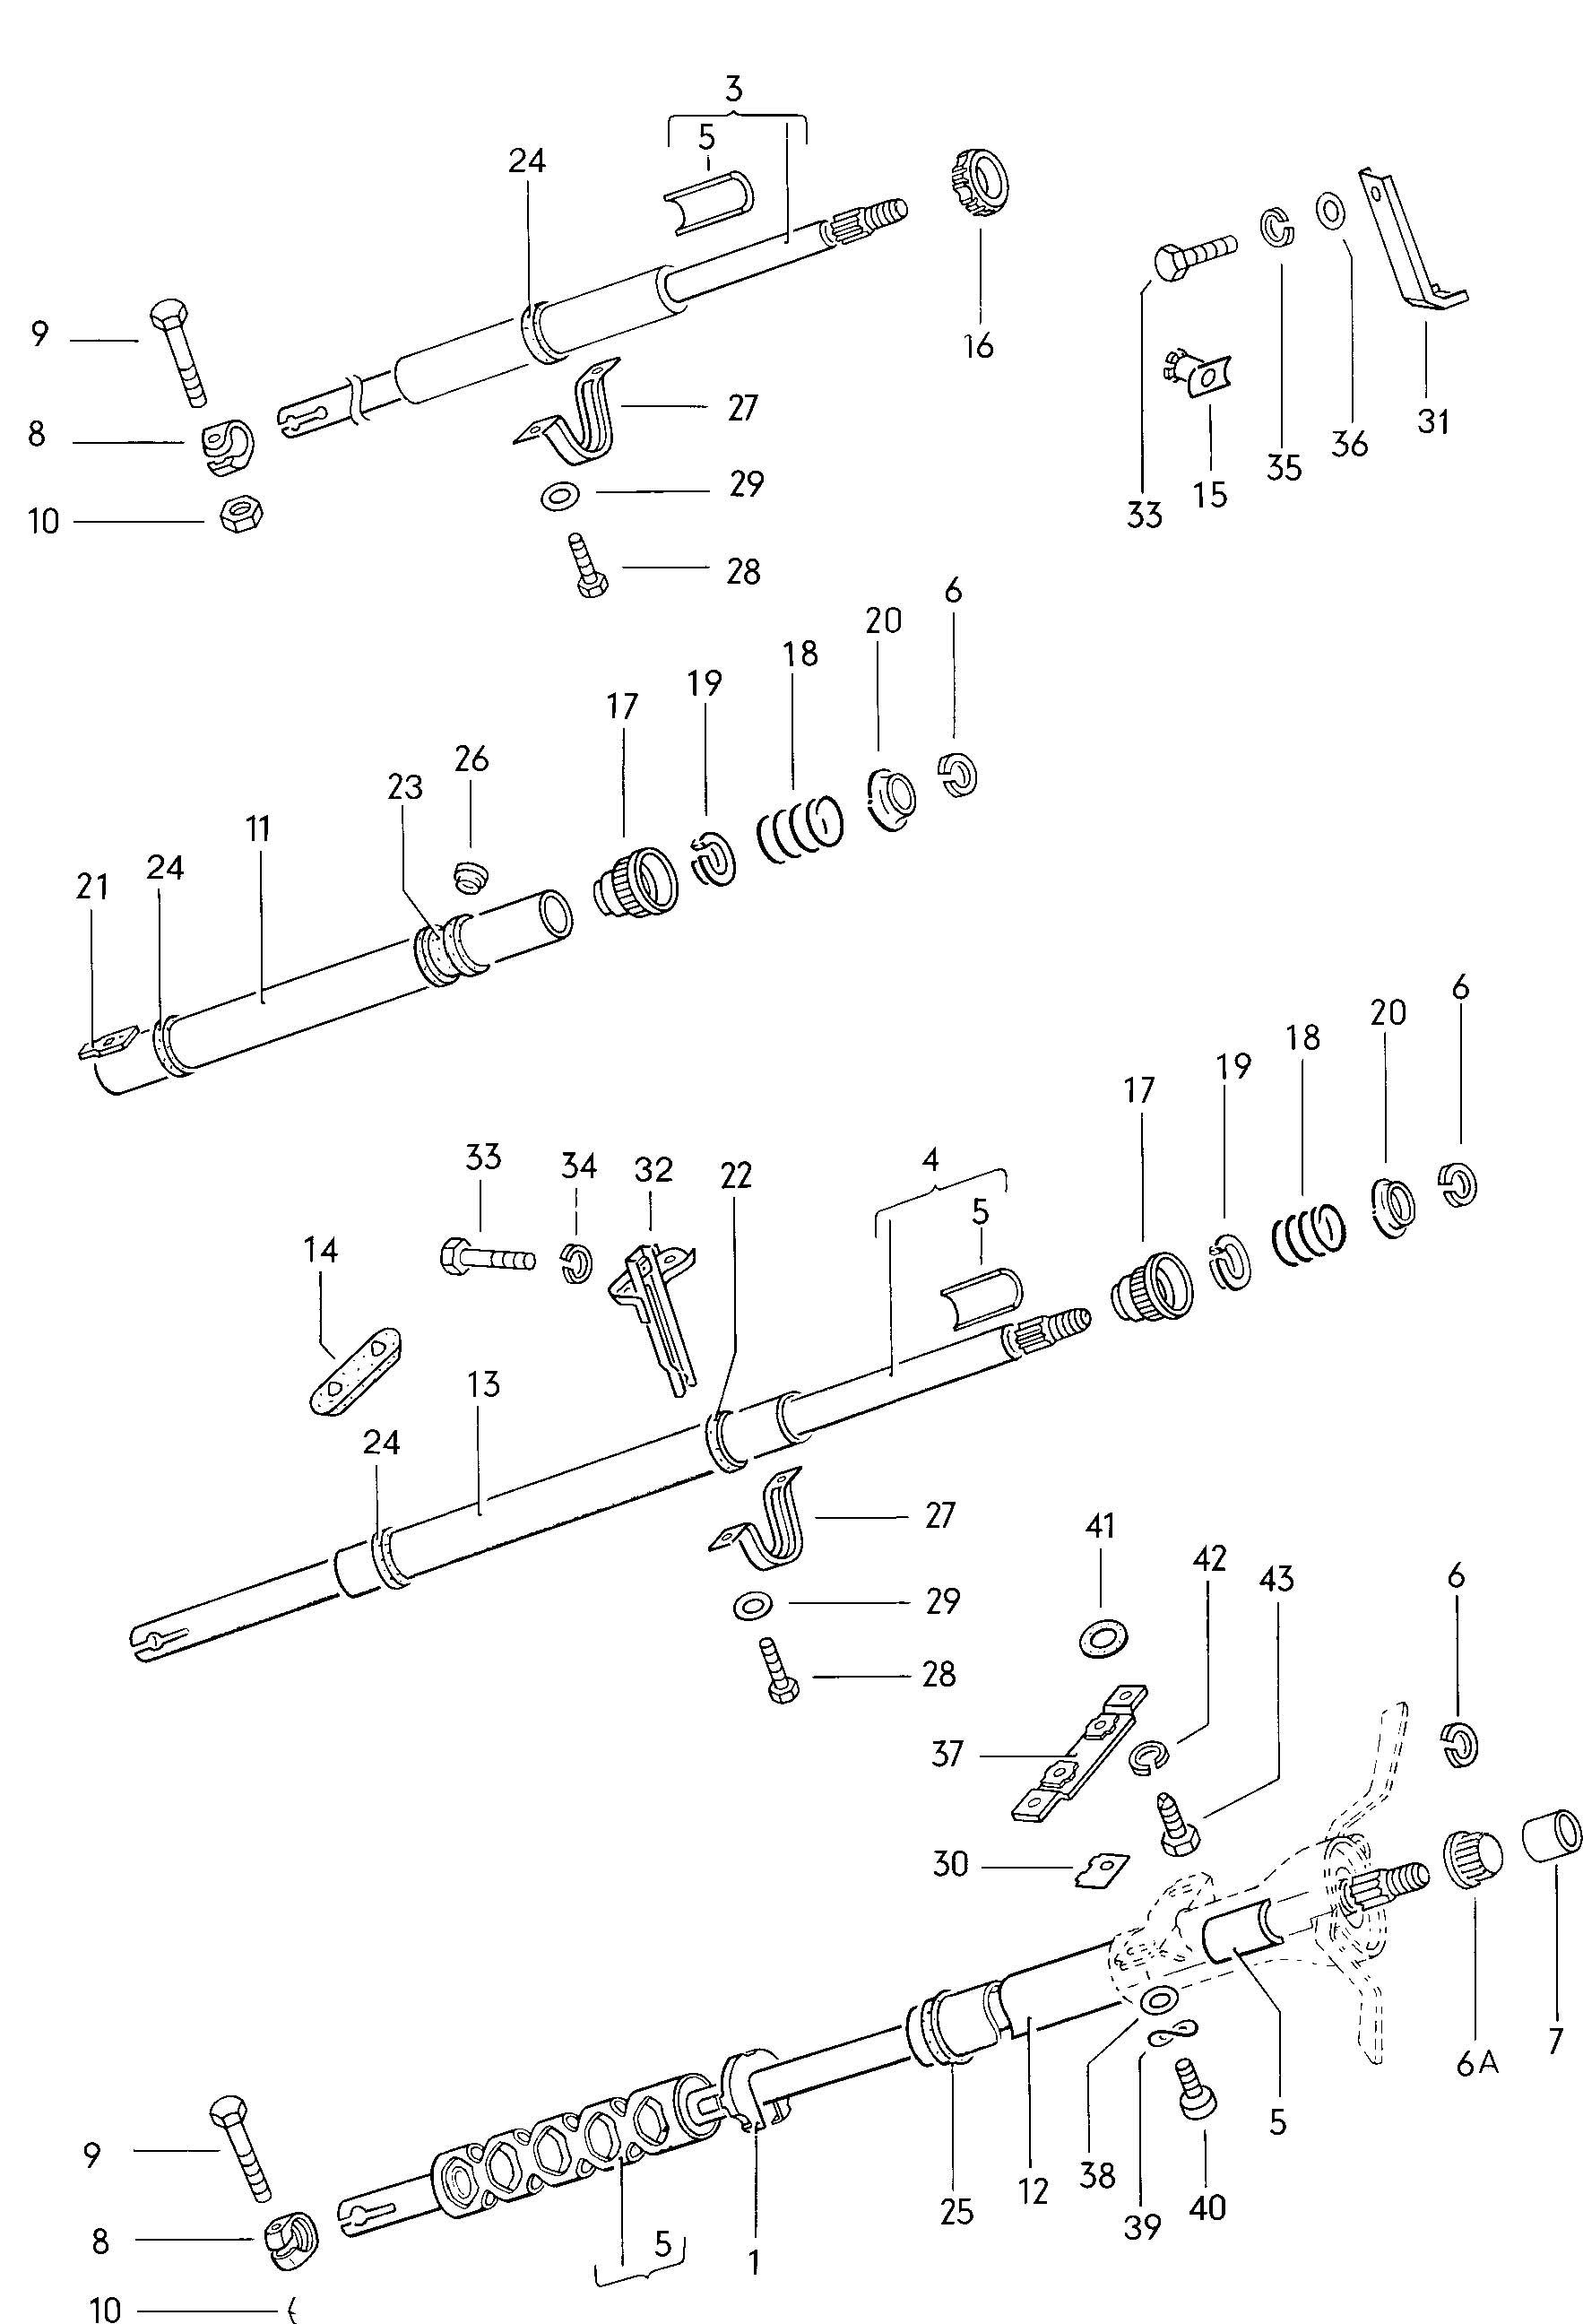 Vw Steering Diagrams Detailed Schematic Wheel Diagram Column Wire Data Schema U2022 1974 Beetle Wiring